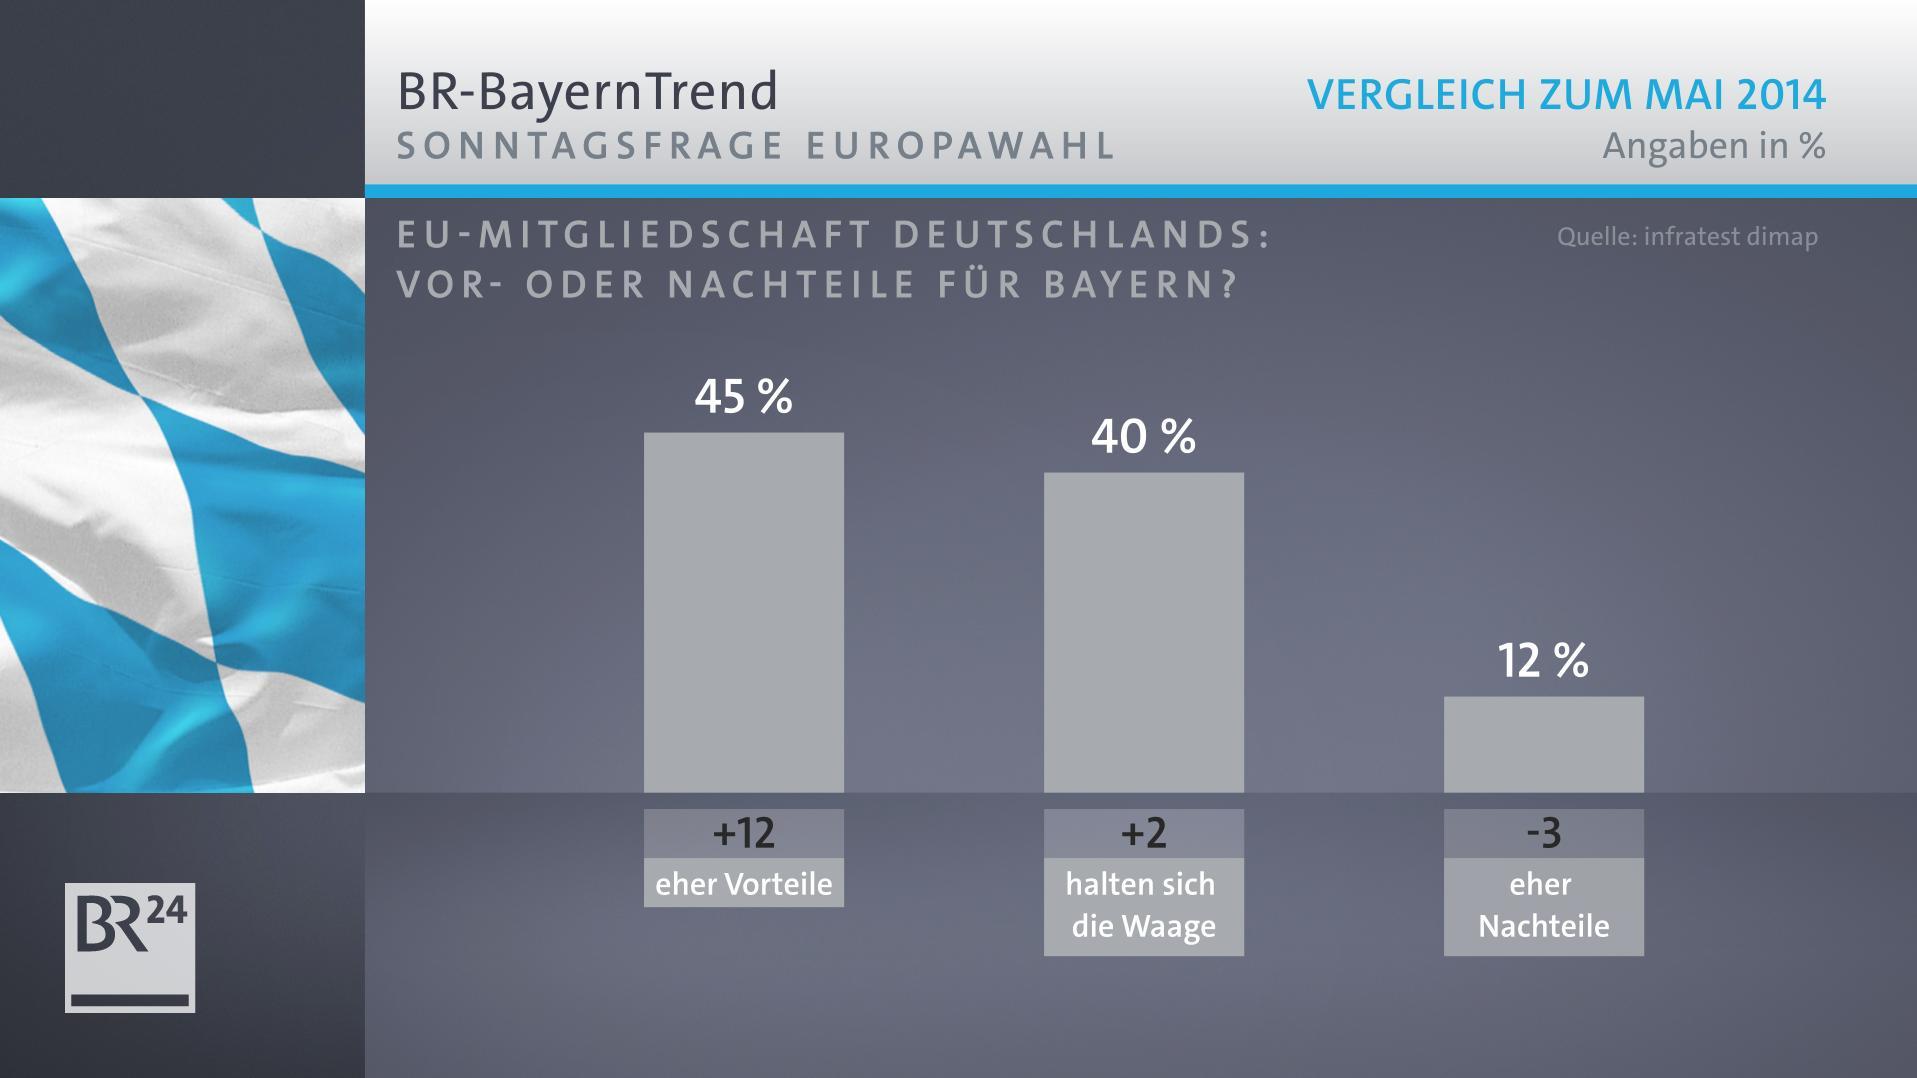 Der Großteil der Wähler sieht in der deutschen EU-Mitgliedschaft Vorteile für Bayern.